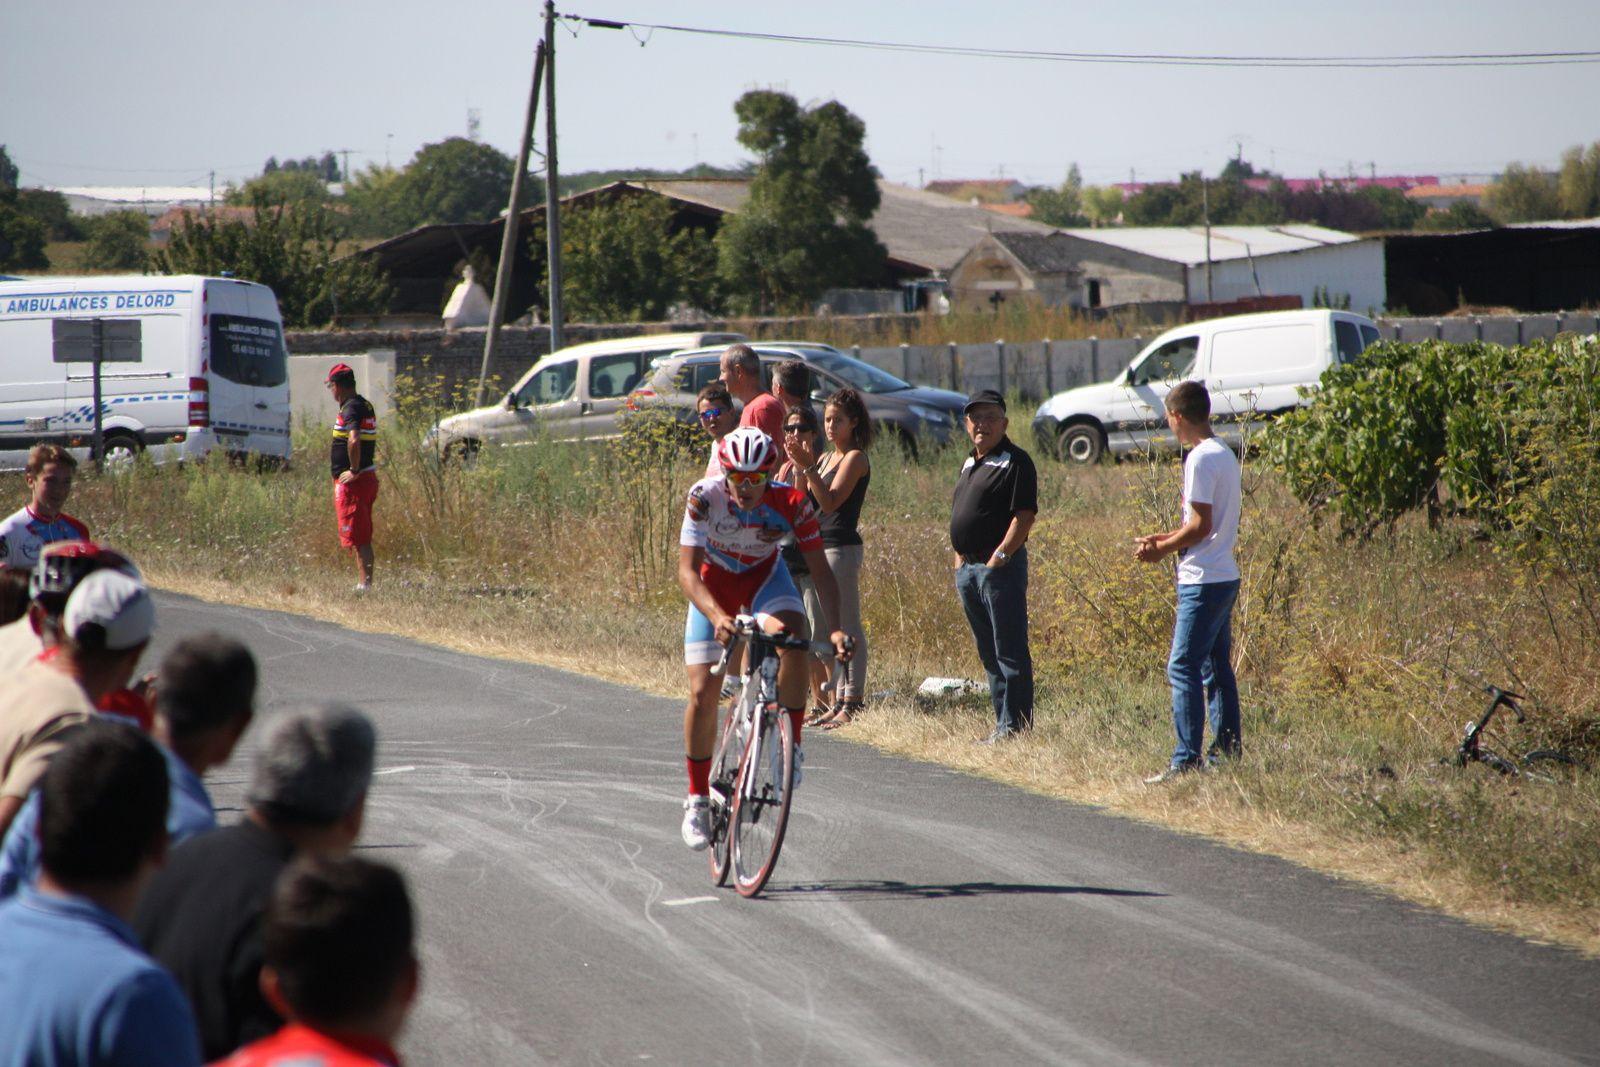 L'arrivée  et  la  victoire  en  solitaire  d'Antonin  CORVAISIER(VC  Charente-Océan)